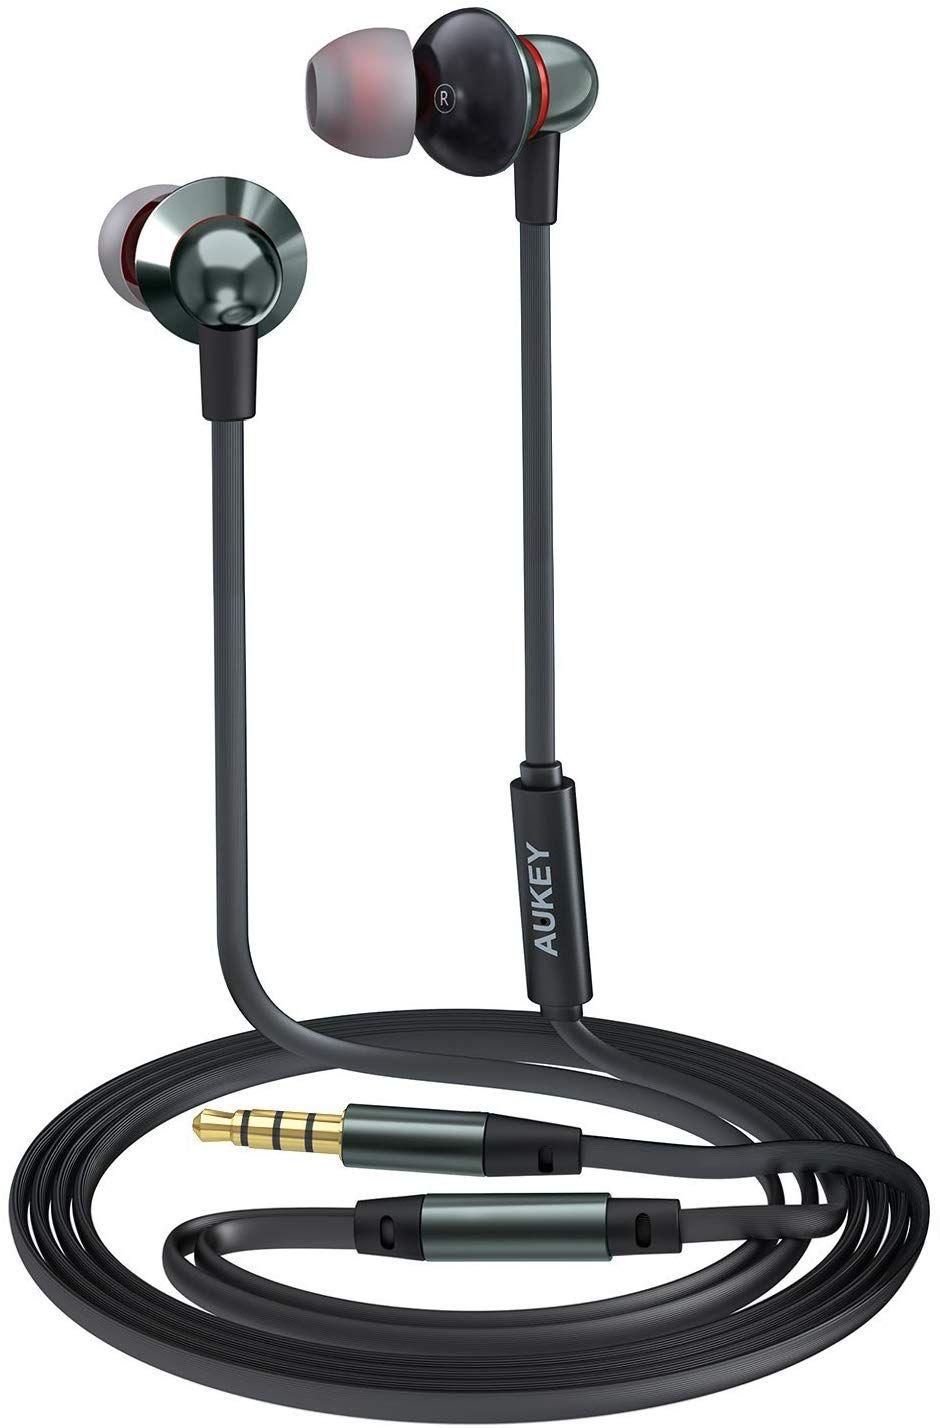 Écouteurs filaires intra-auriculaires Aukey EP-C8 (Vendeur tiers)